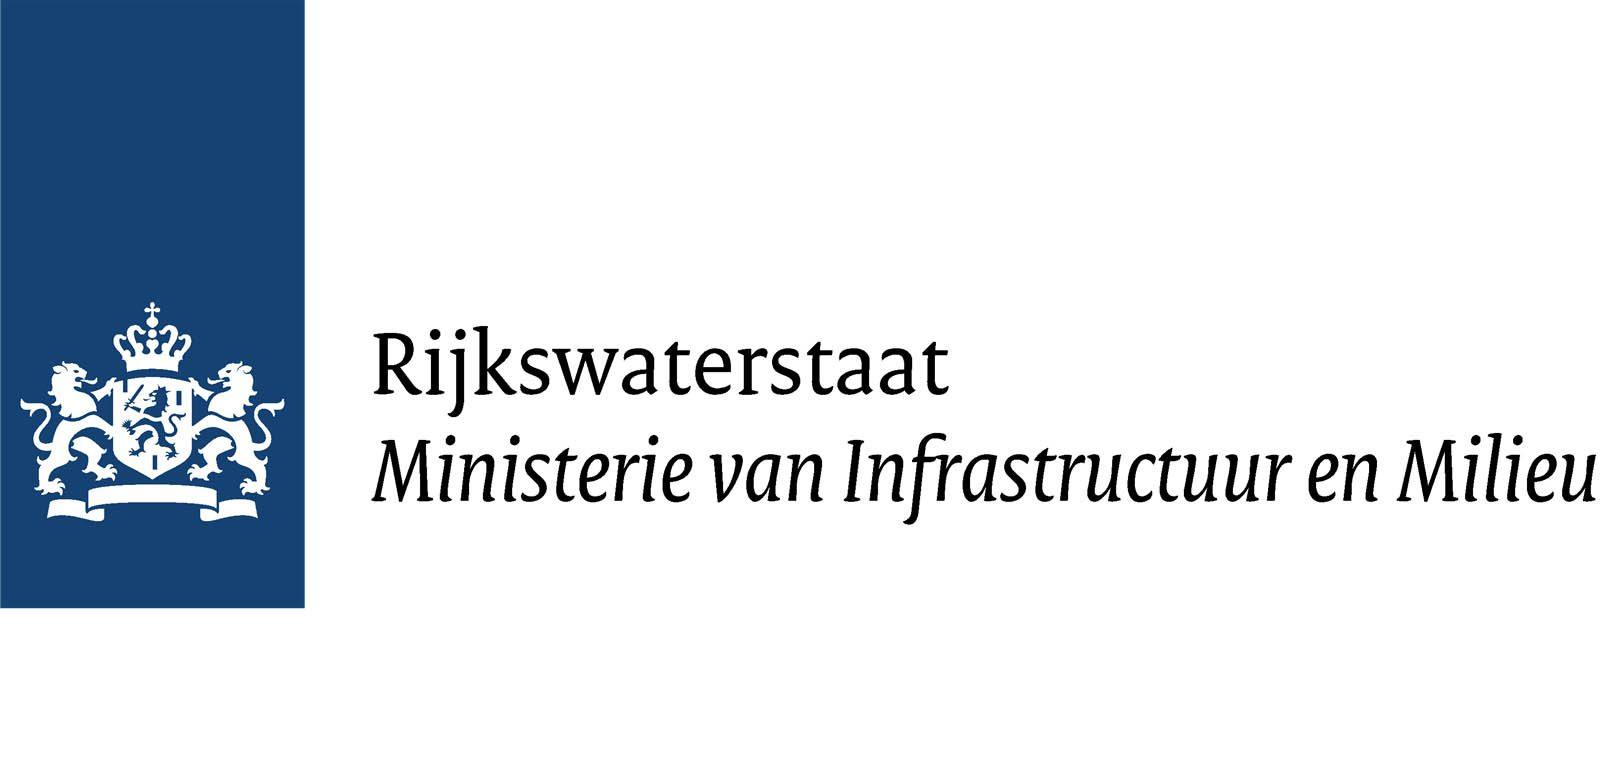 Logo Miniterie Rijkswaterstaat